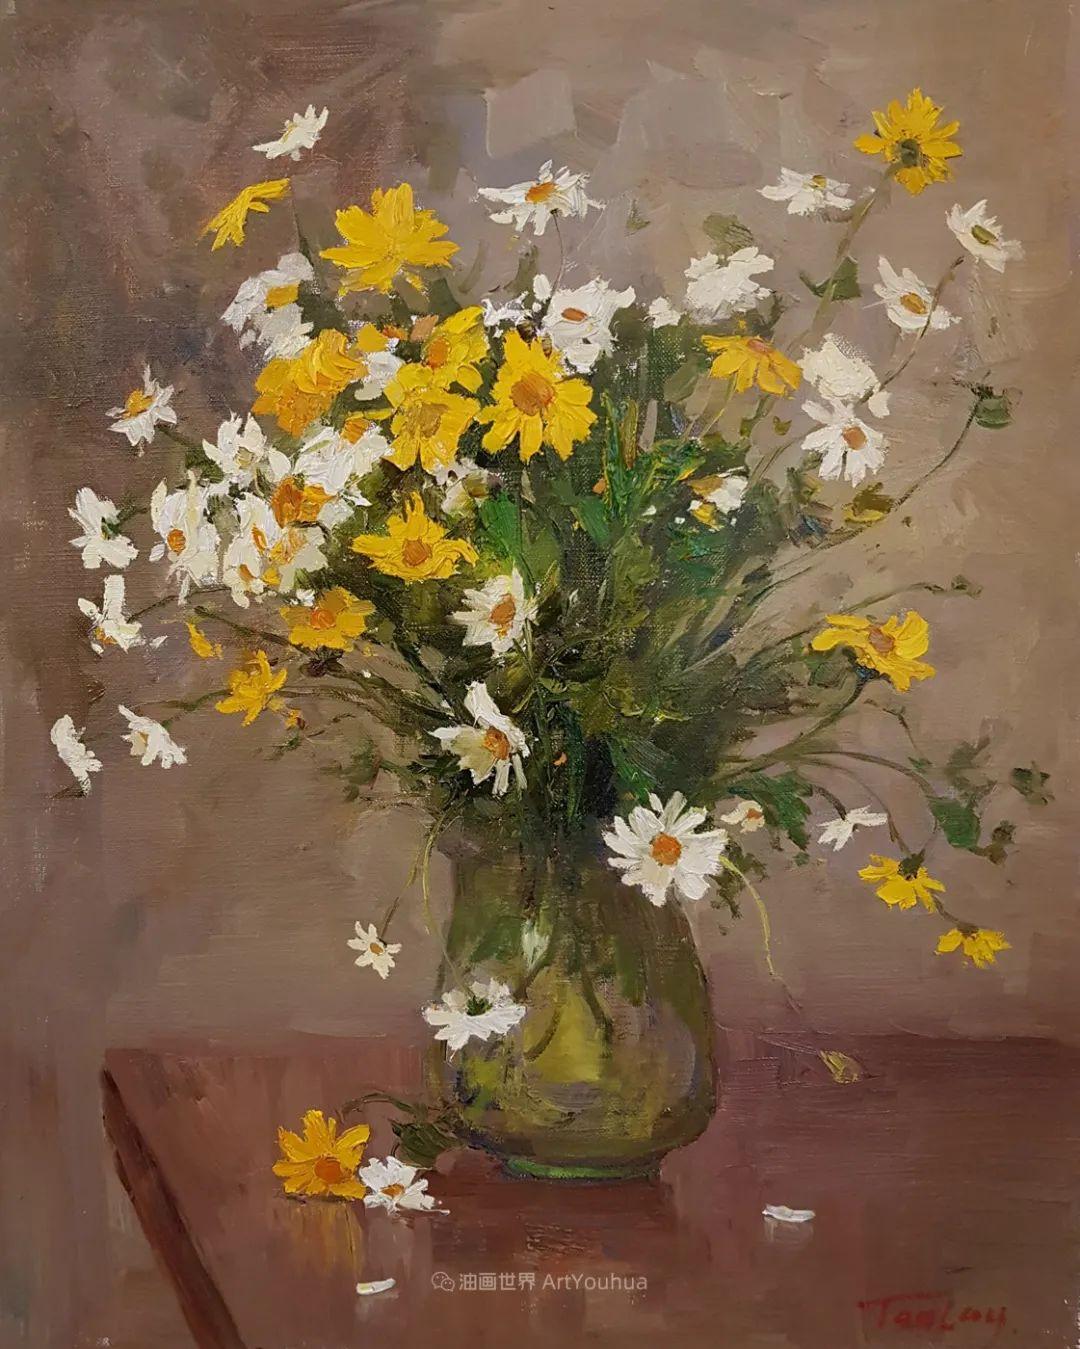 他的花儿如此生动和明亮,充满了光和微妙的东方哲学!插图37